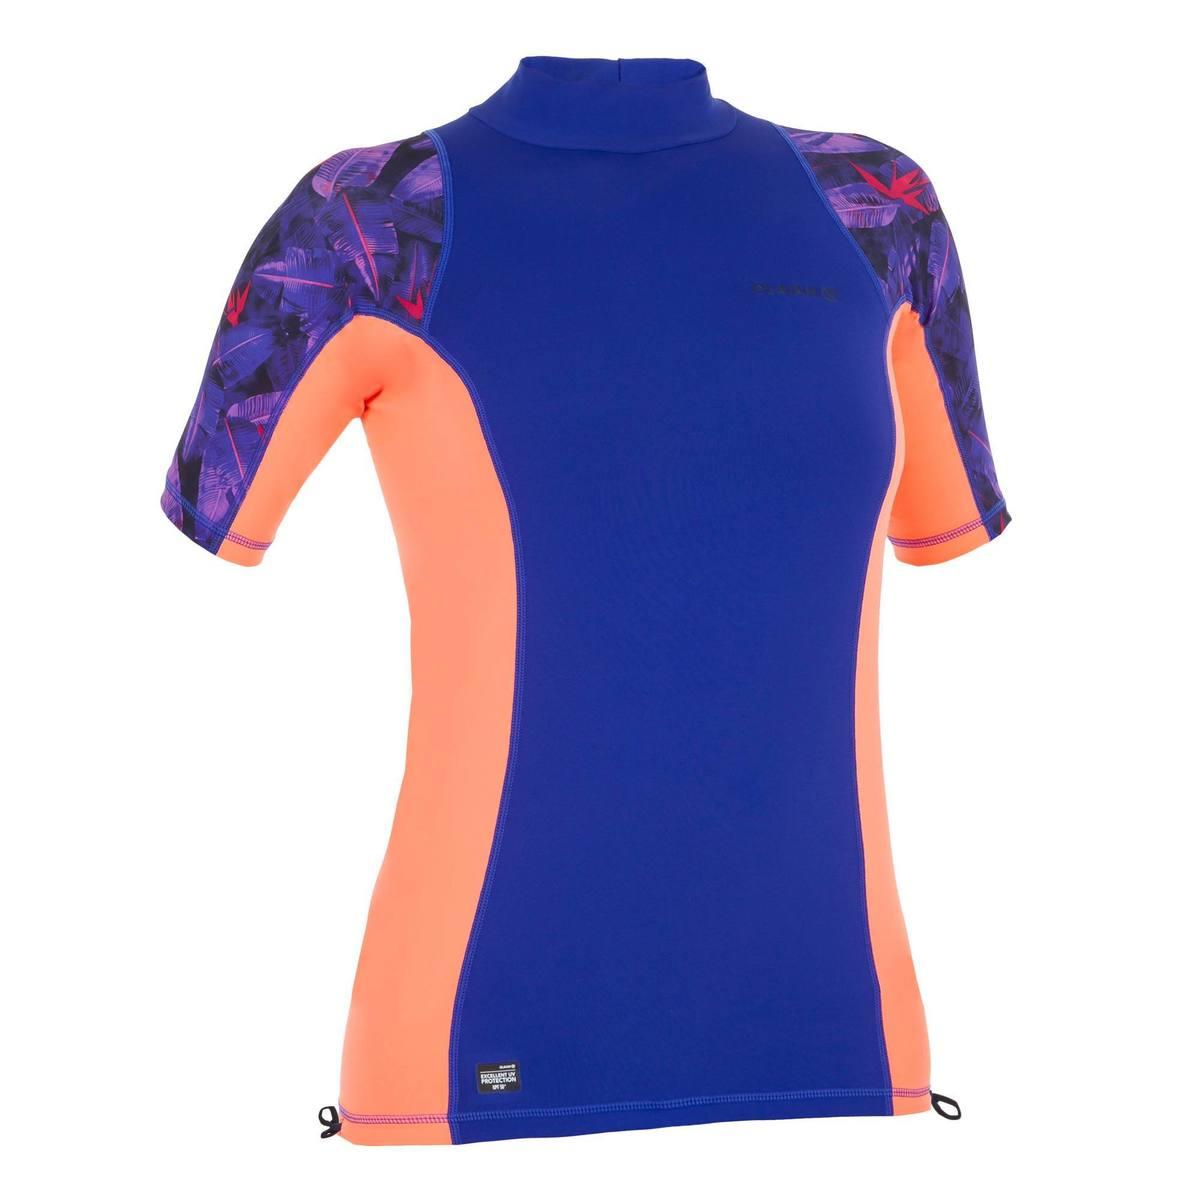 Bild 1 von UV-Shirt Surfen Top 500 kurzarm Damen violett/rosa bedruckt